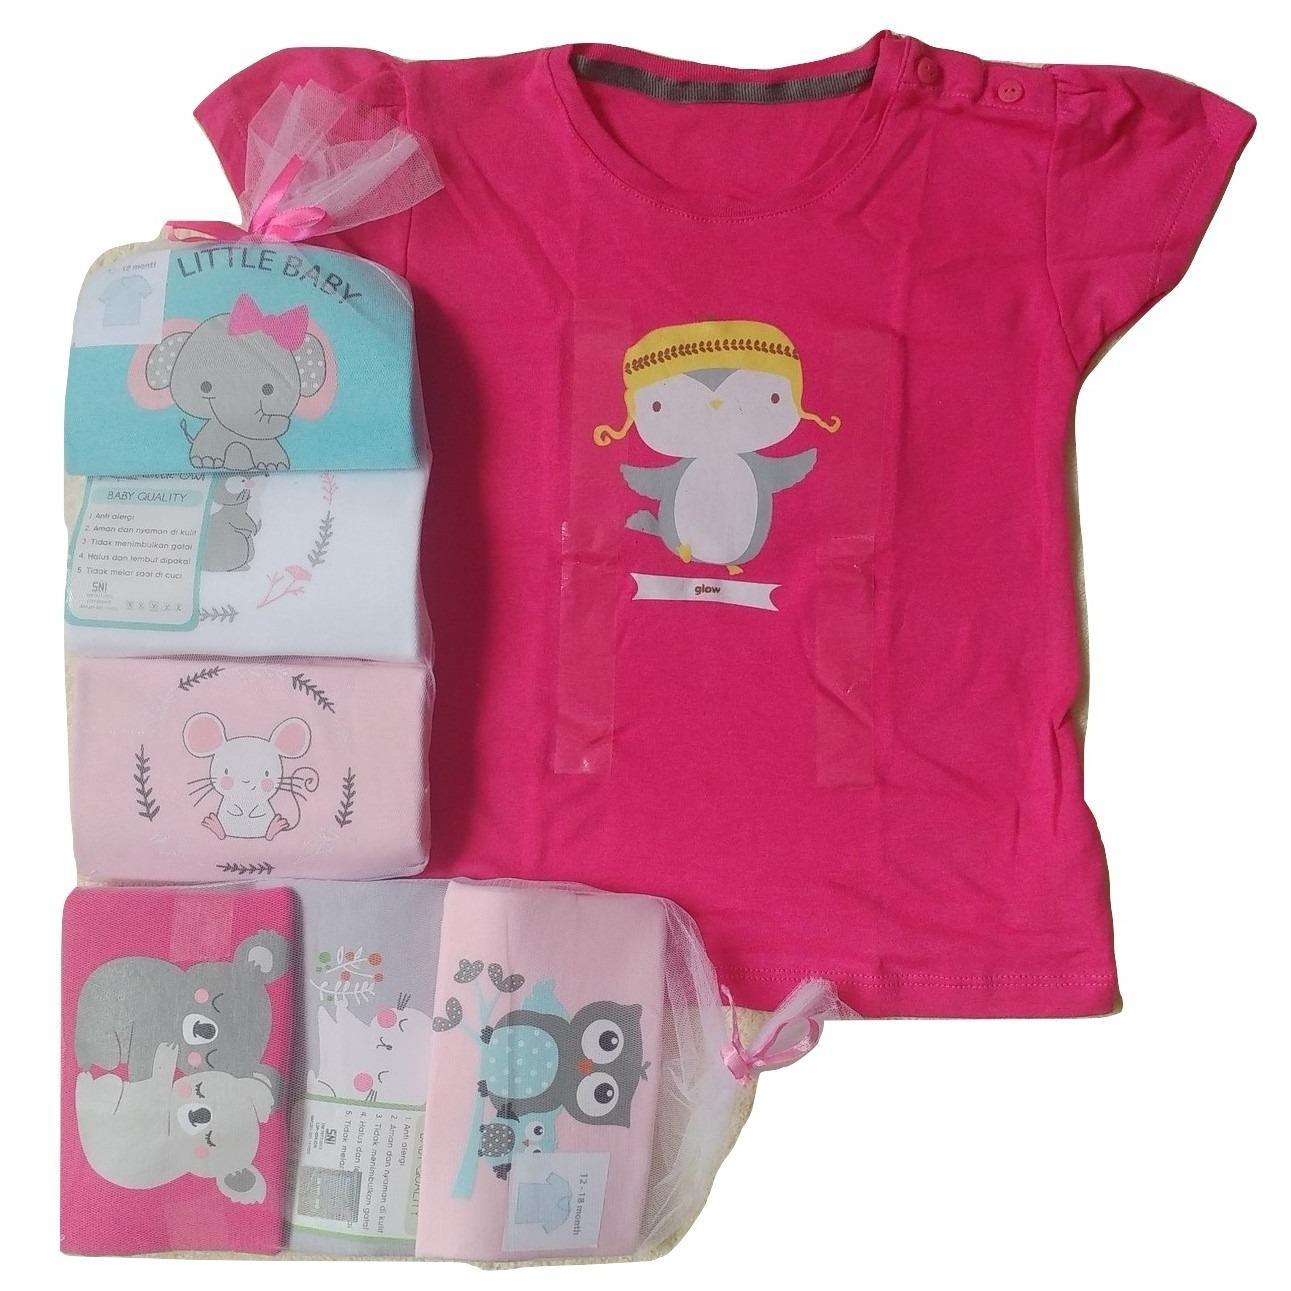 Jelova Angela 3pc  Kaos Oblong Fashion GIRLS Baby Bayi 1-2 Years - Mixmotif Random